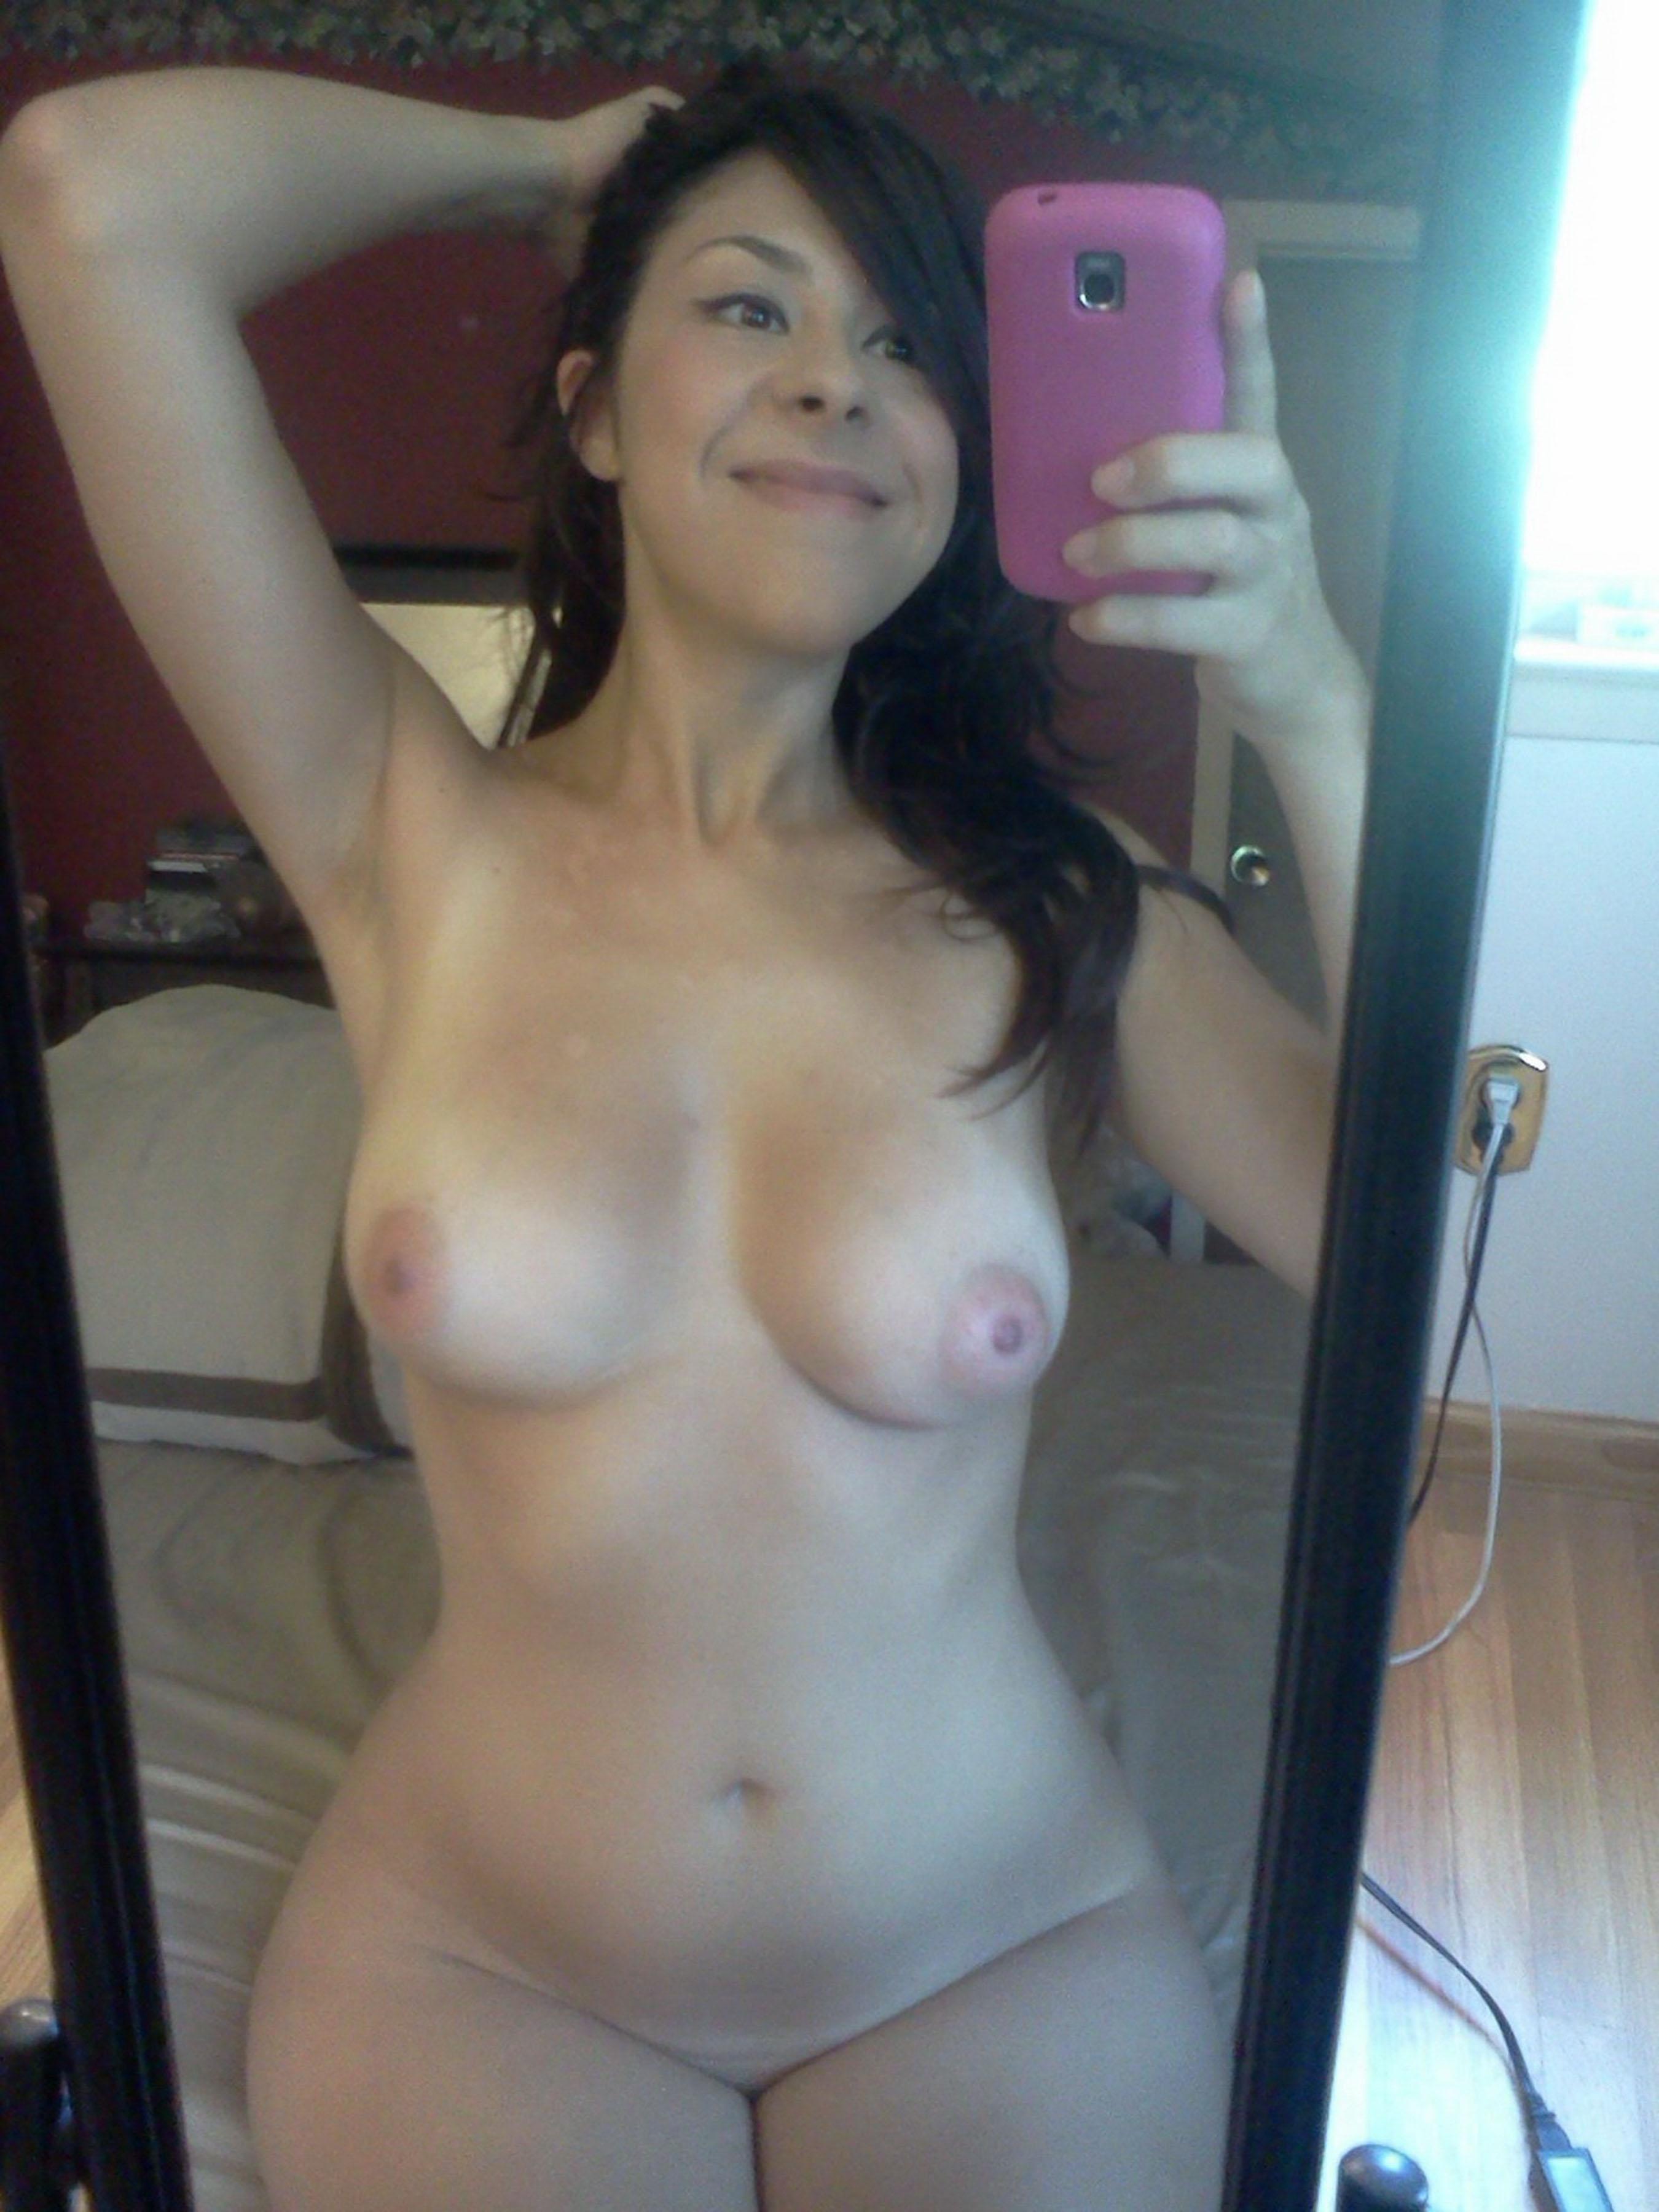 Amateur Casero Porno amateur casero fotos mujeres desnudas -porno-casero-amateur